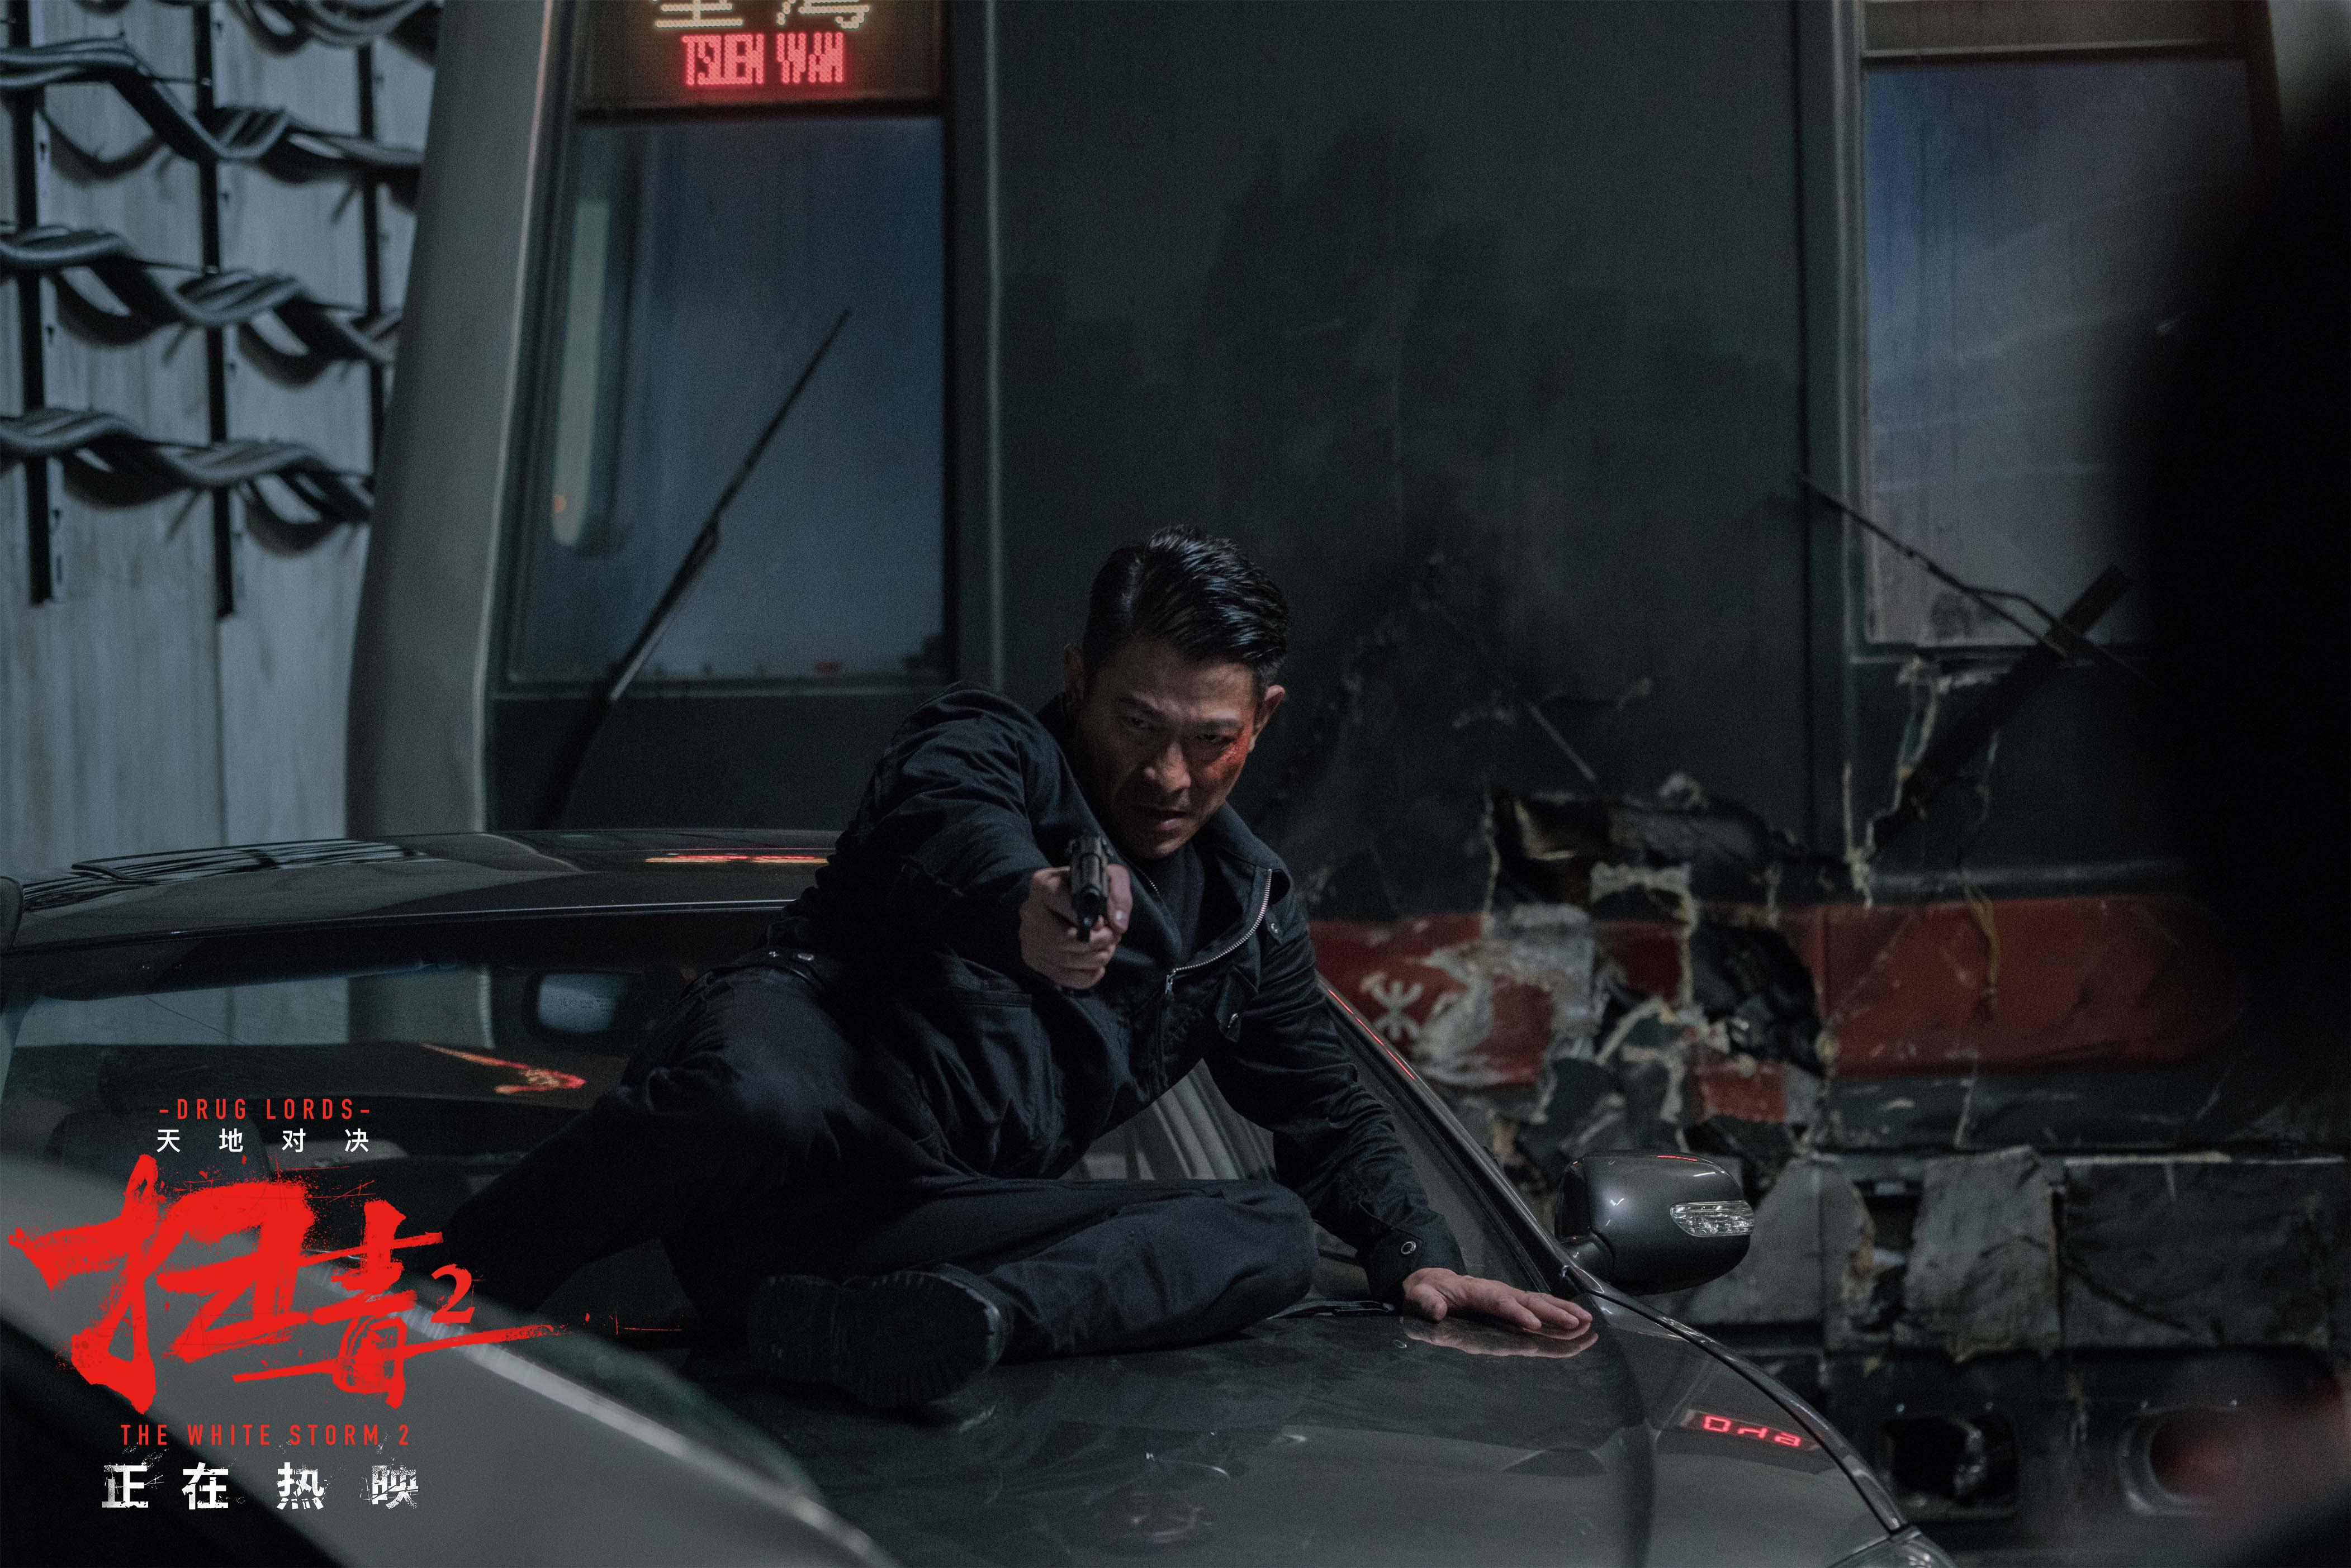 《扫毒2》曝地铁飙车片段 刘德华古天乐飞车枪战